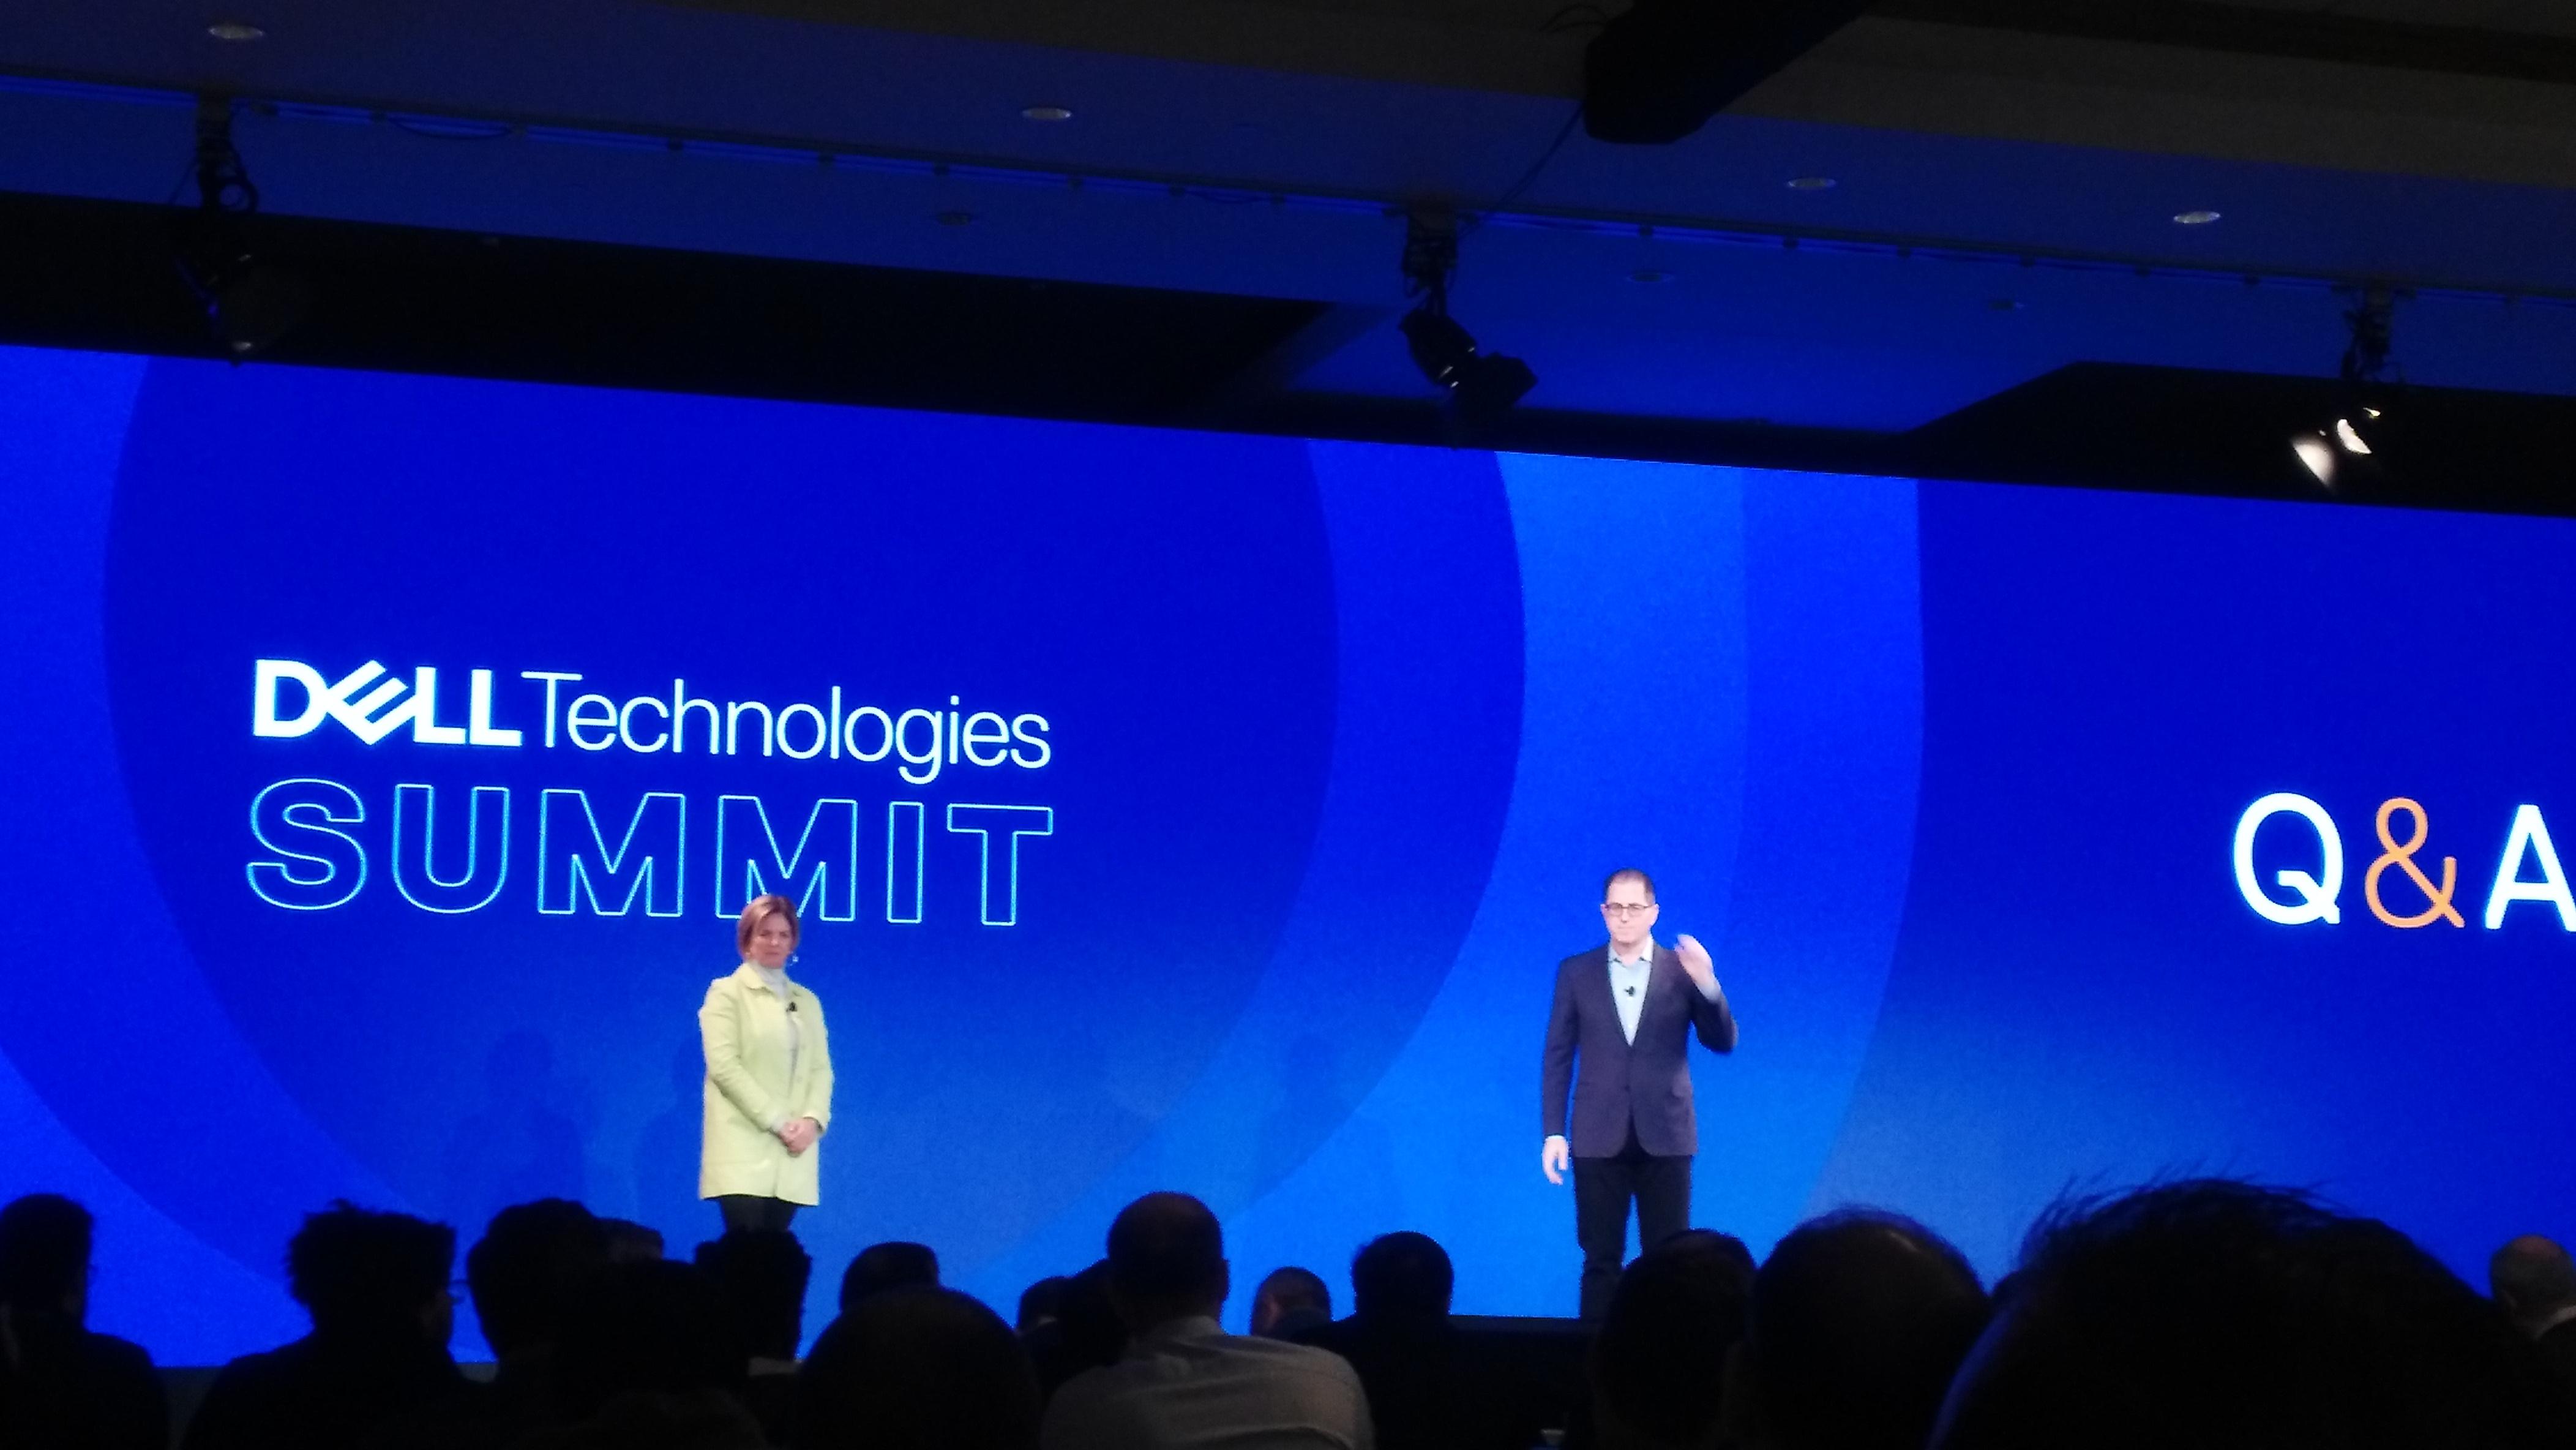 Jennifer Felch, Chief Digital Officer, y Michael Dell, CEO y Presidente de Dell Technologies.